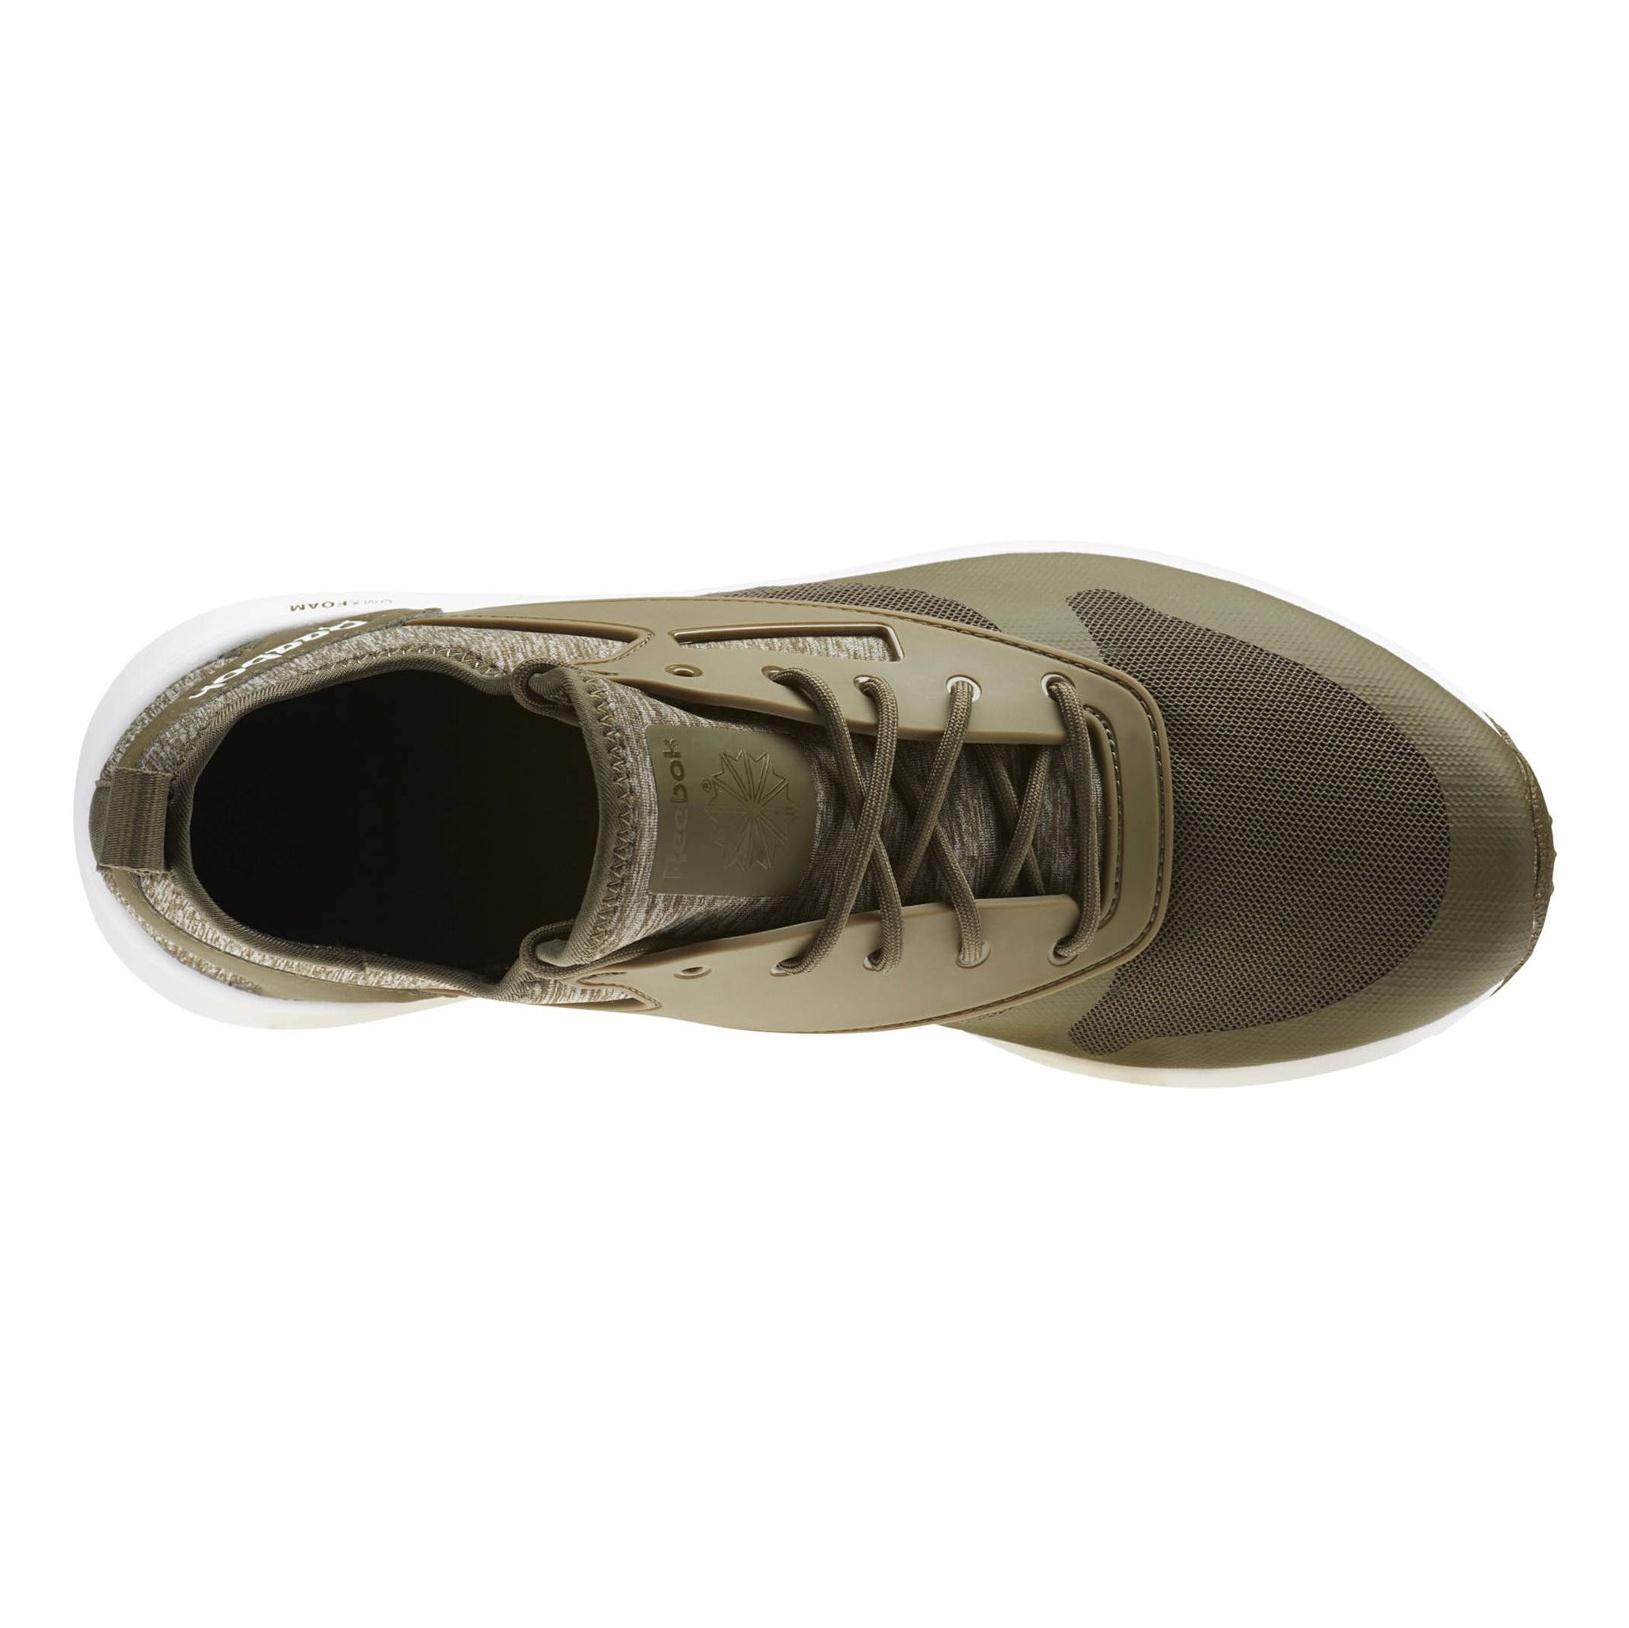 کفش پیاده روی بندی مردانه Zoku Runner NC - ریباک - یشمی - 3